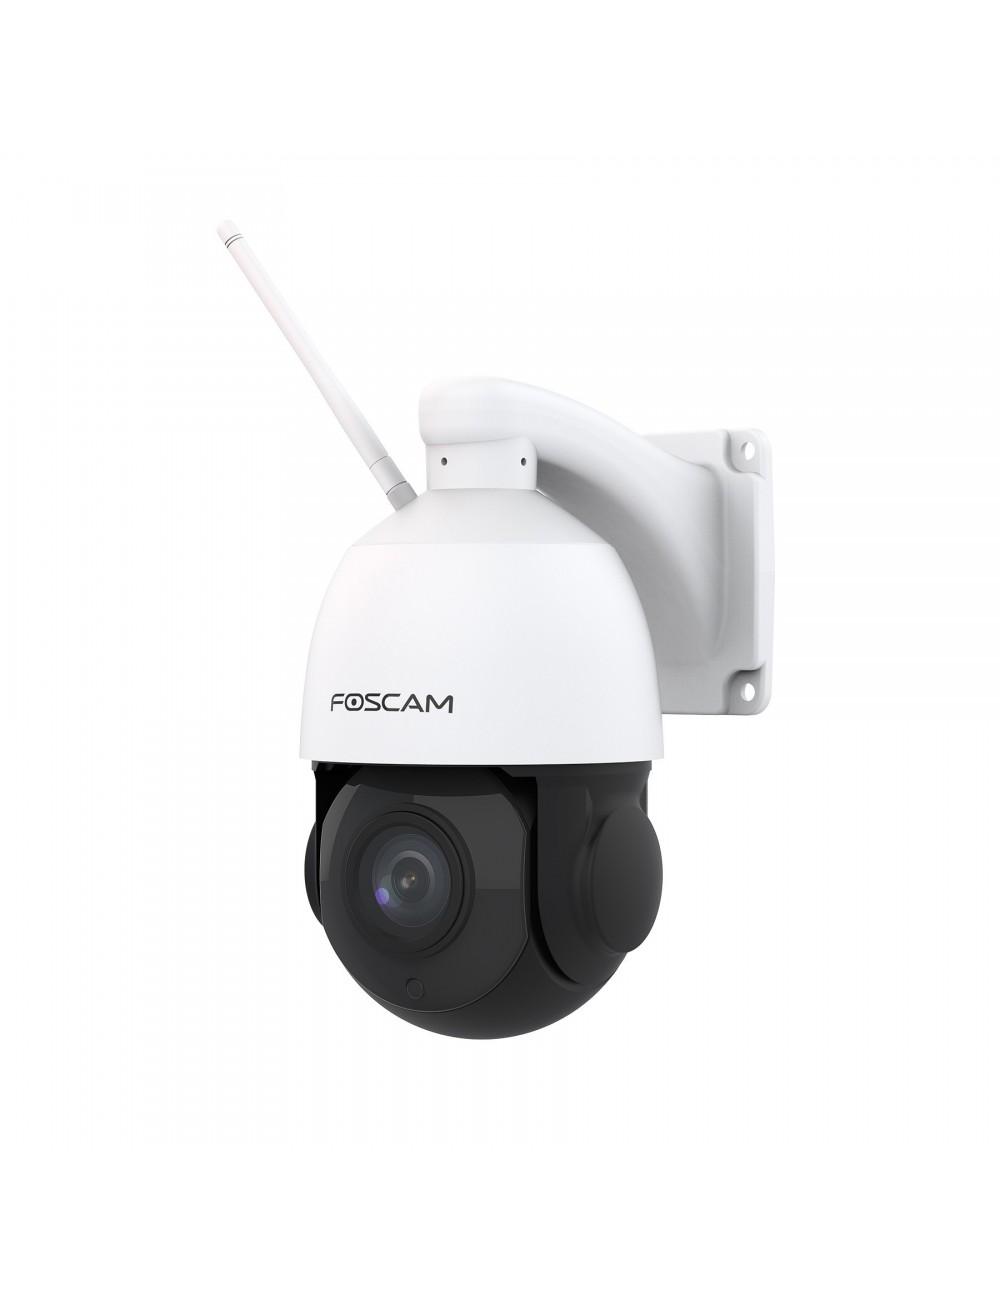 Foscam SDX2 2.0 Megapixel PTZ